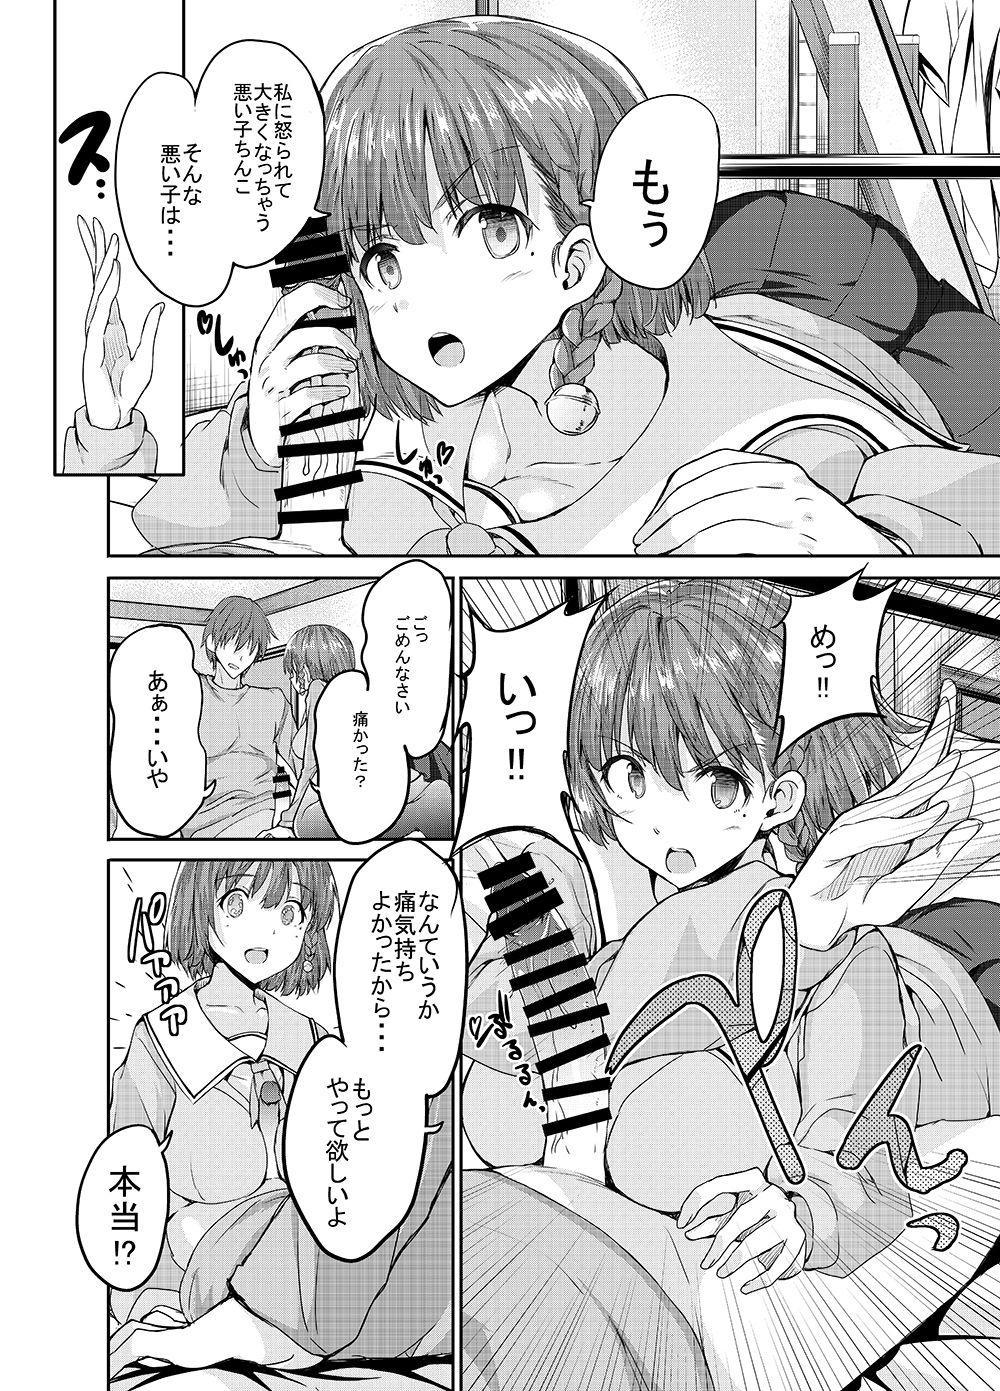 Onee-san ni Okoraretari Nakanaori SEX Shitari 9